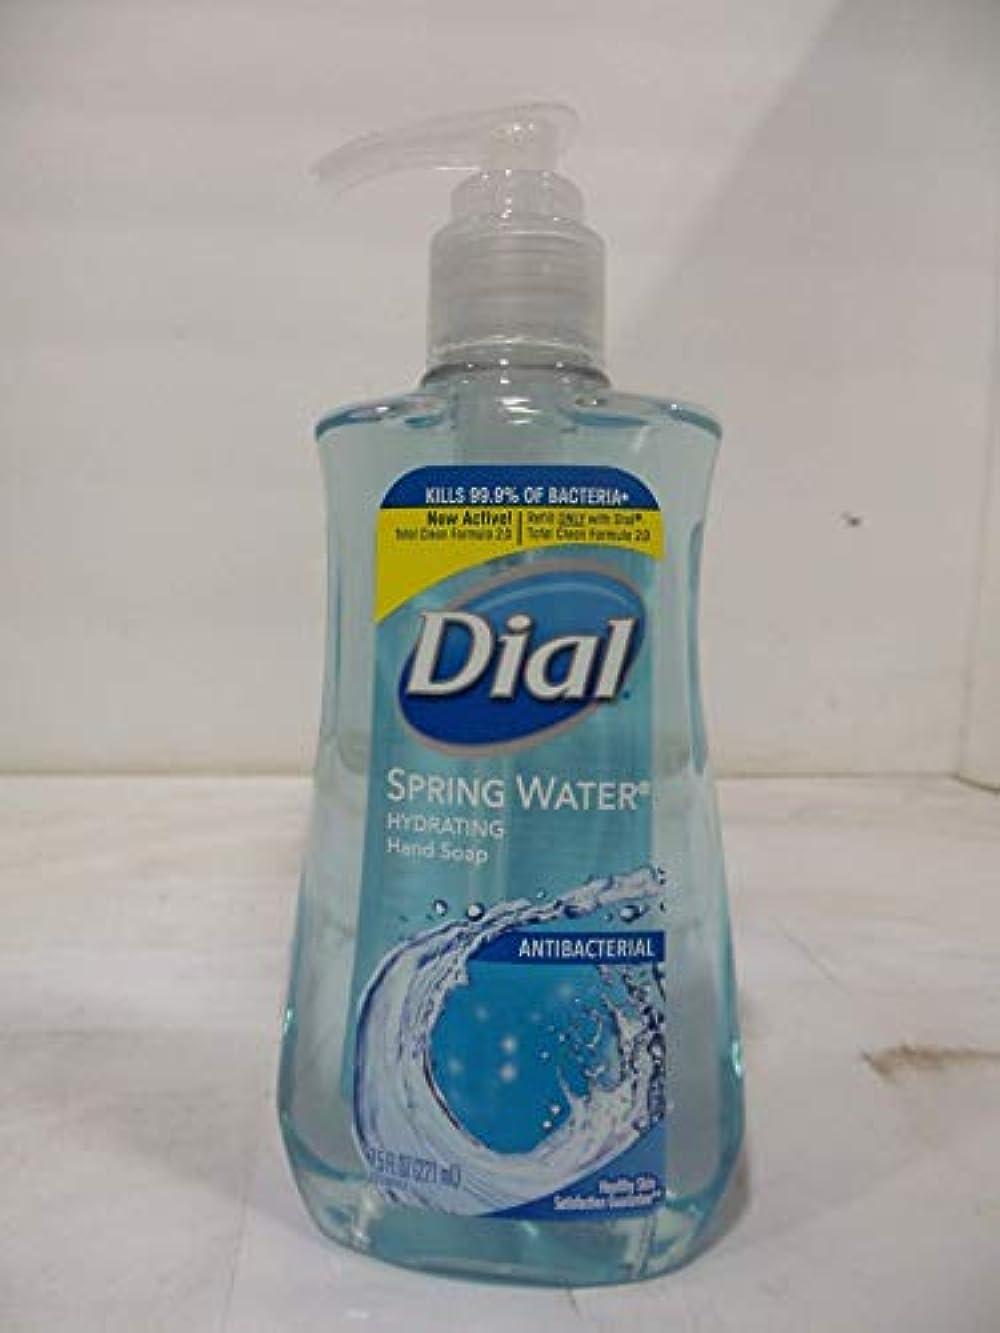 サイクロプスむちゃくちゃメンターDial 抗菌せっけん湧水7.50オズ(12パック)